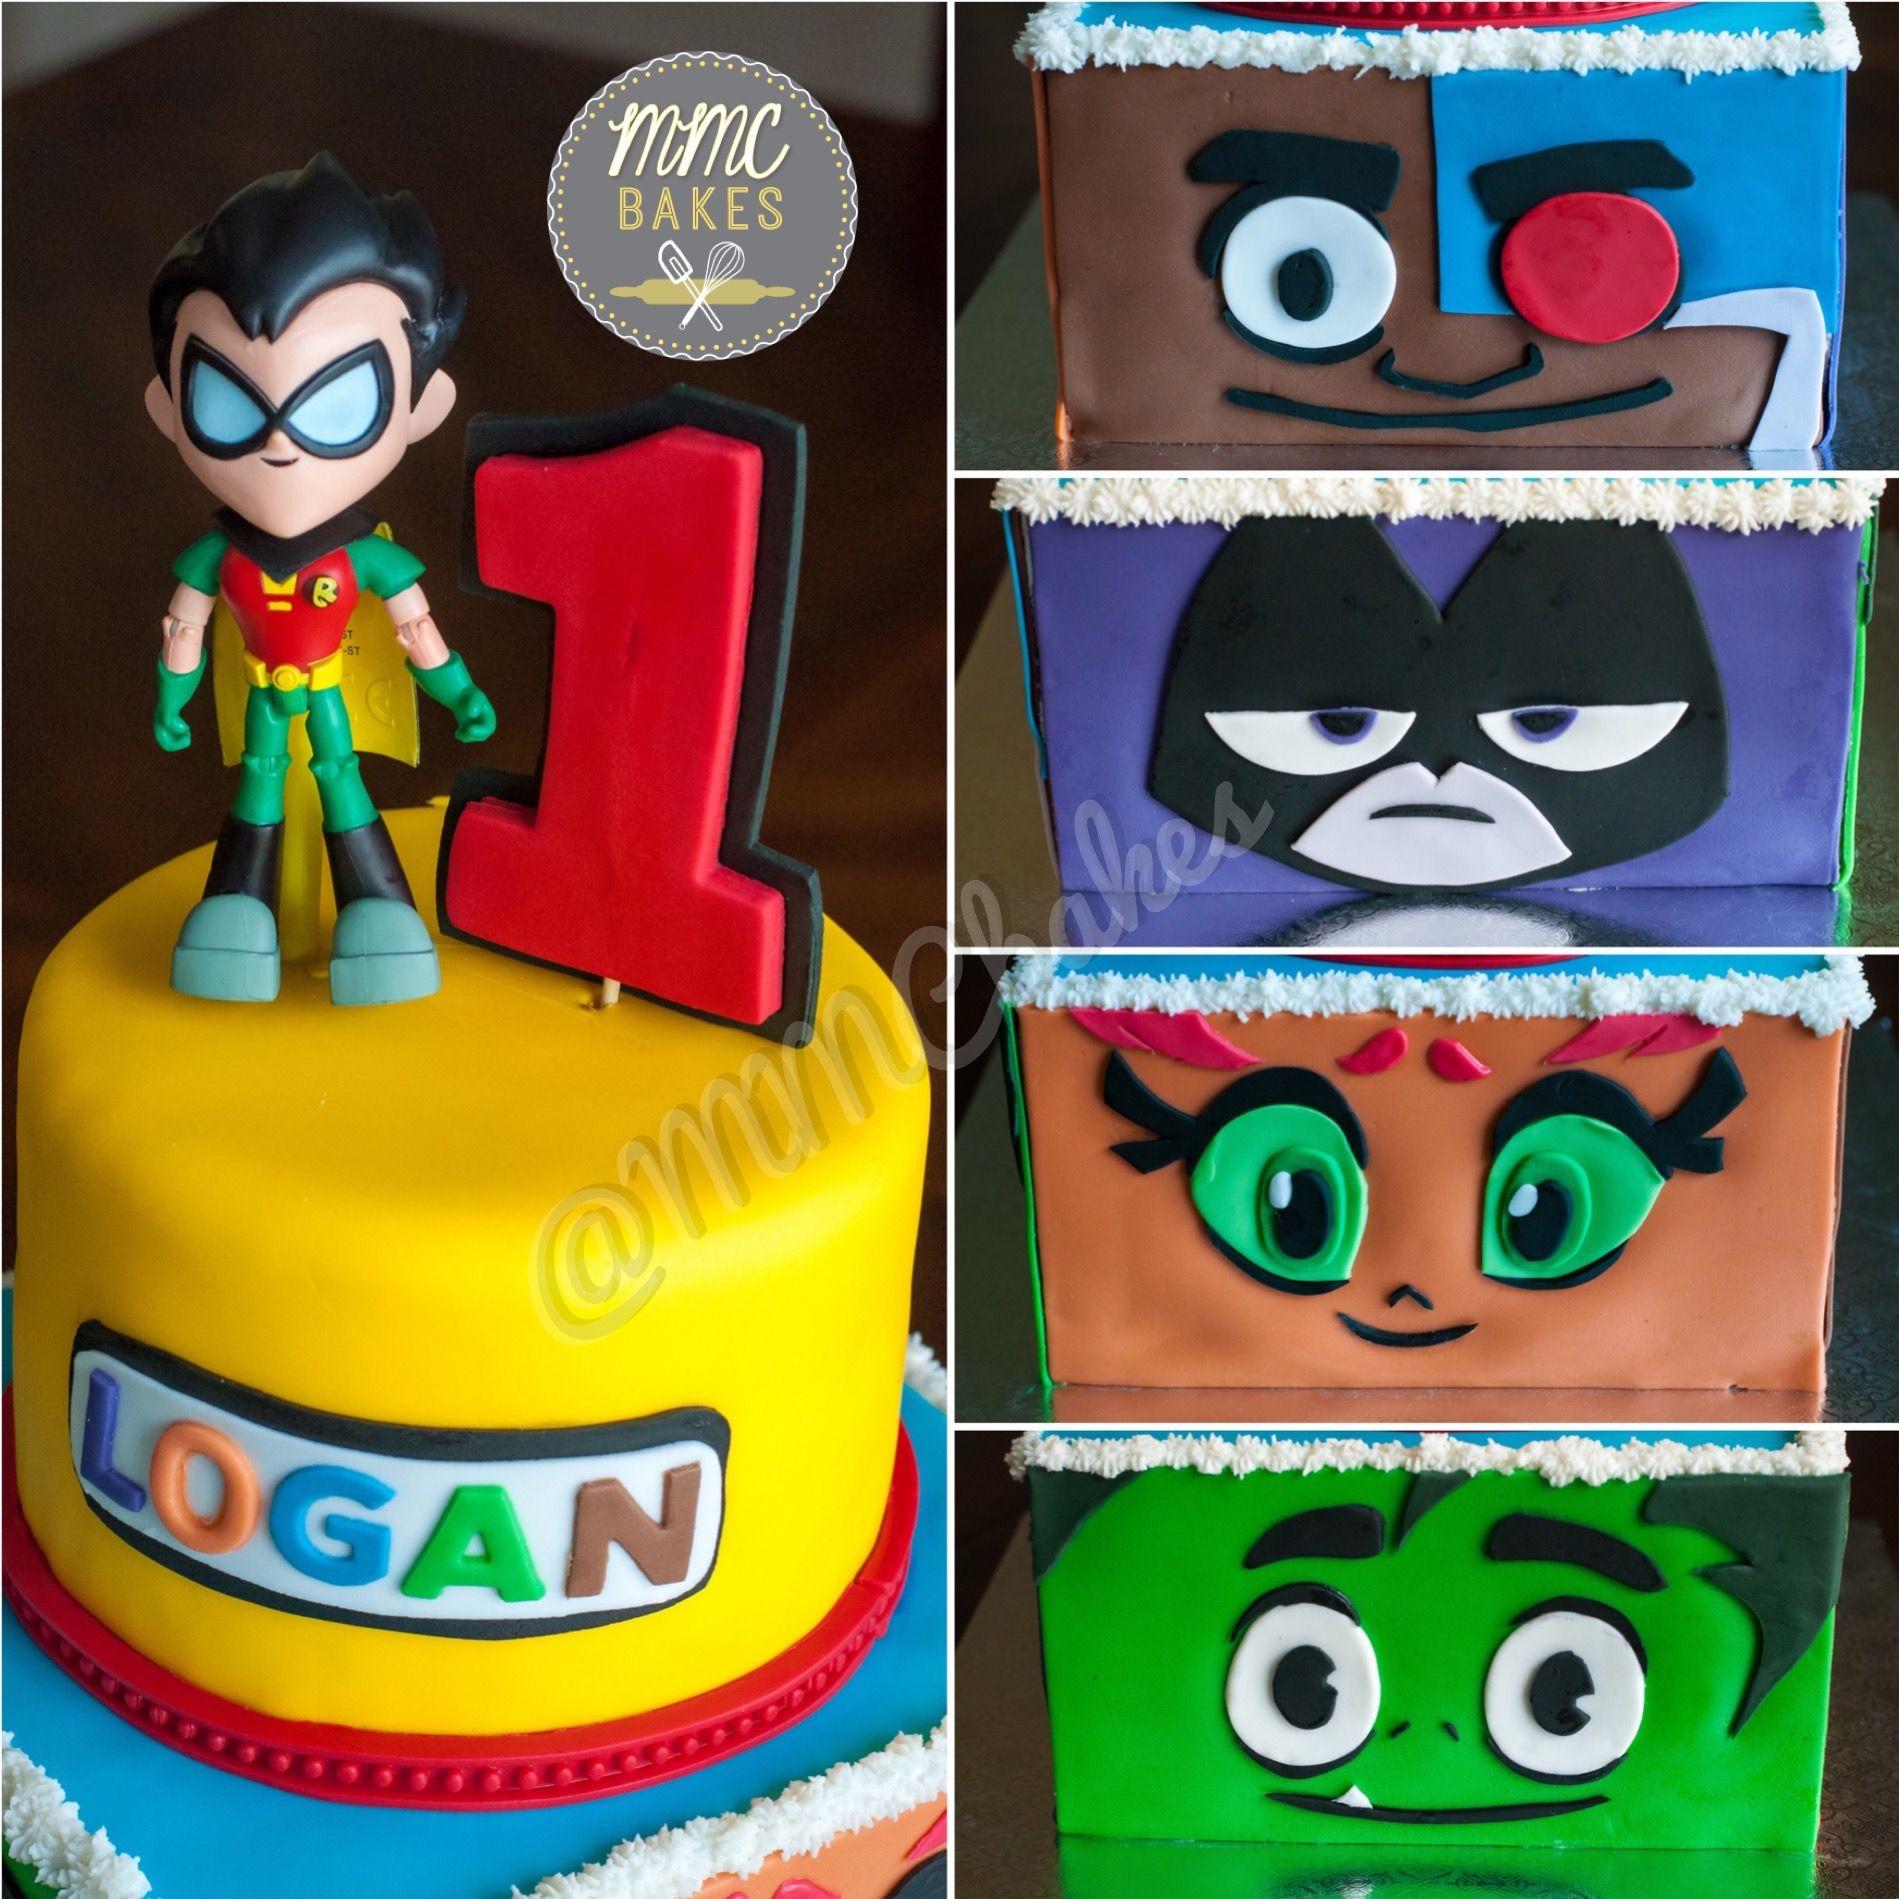 Teen Titans Go Cake Custom Cakes By Mmc Bakes San Diego